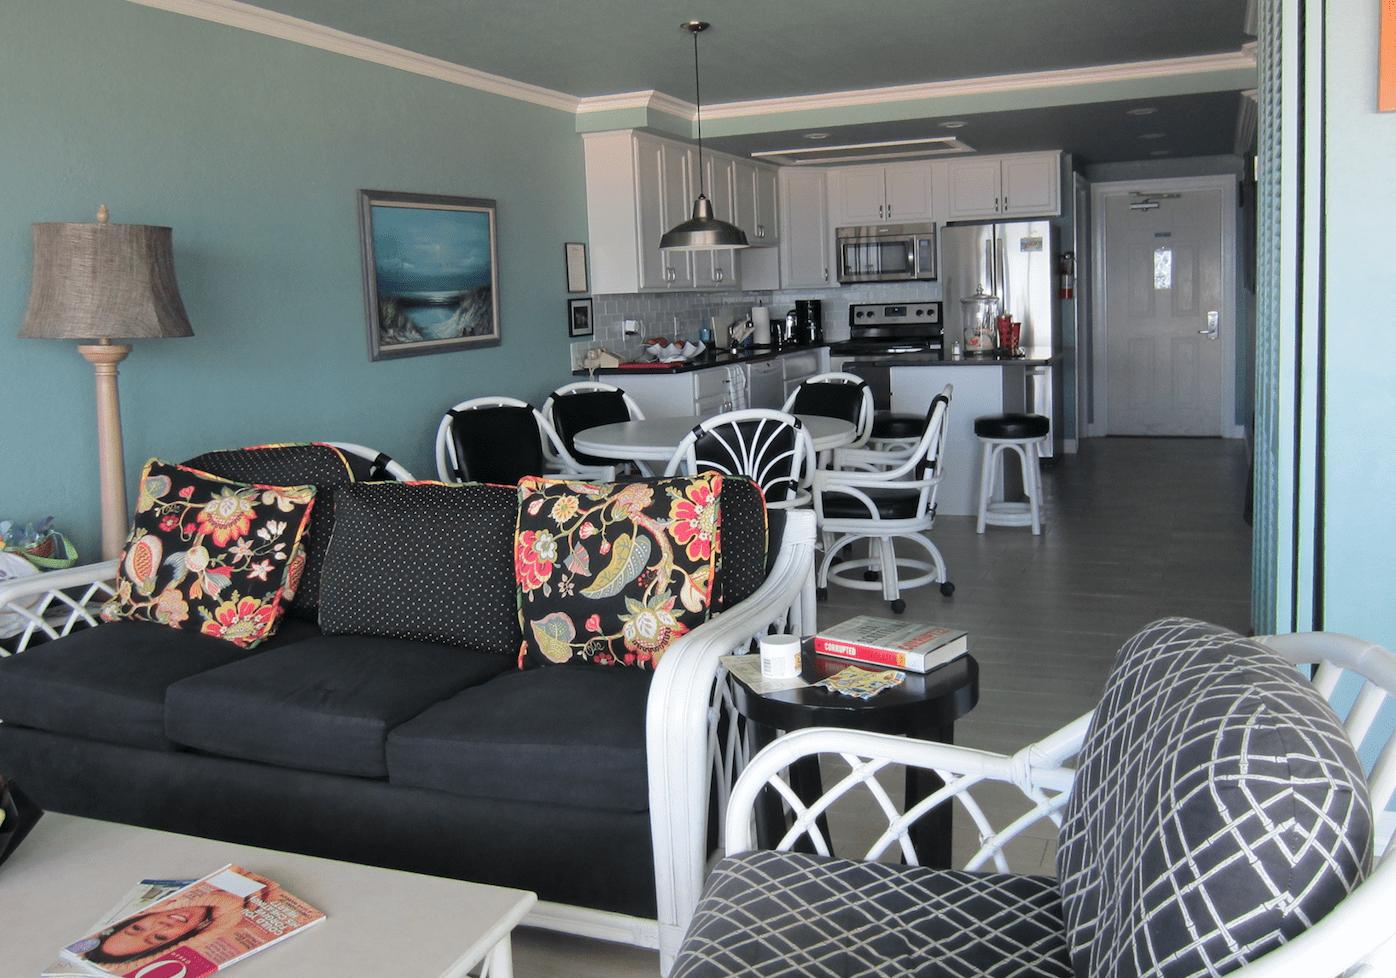 Gulfstream condo living area